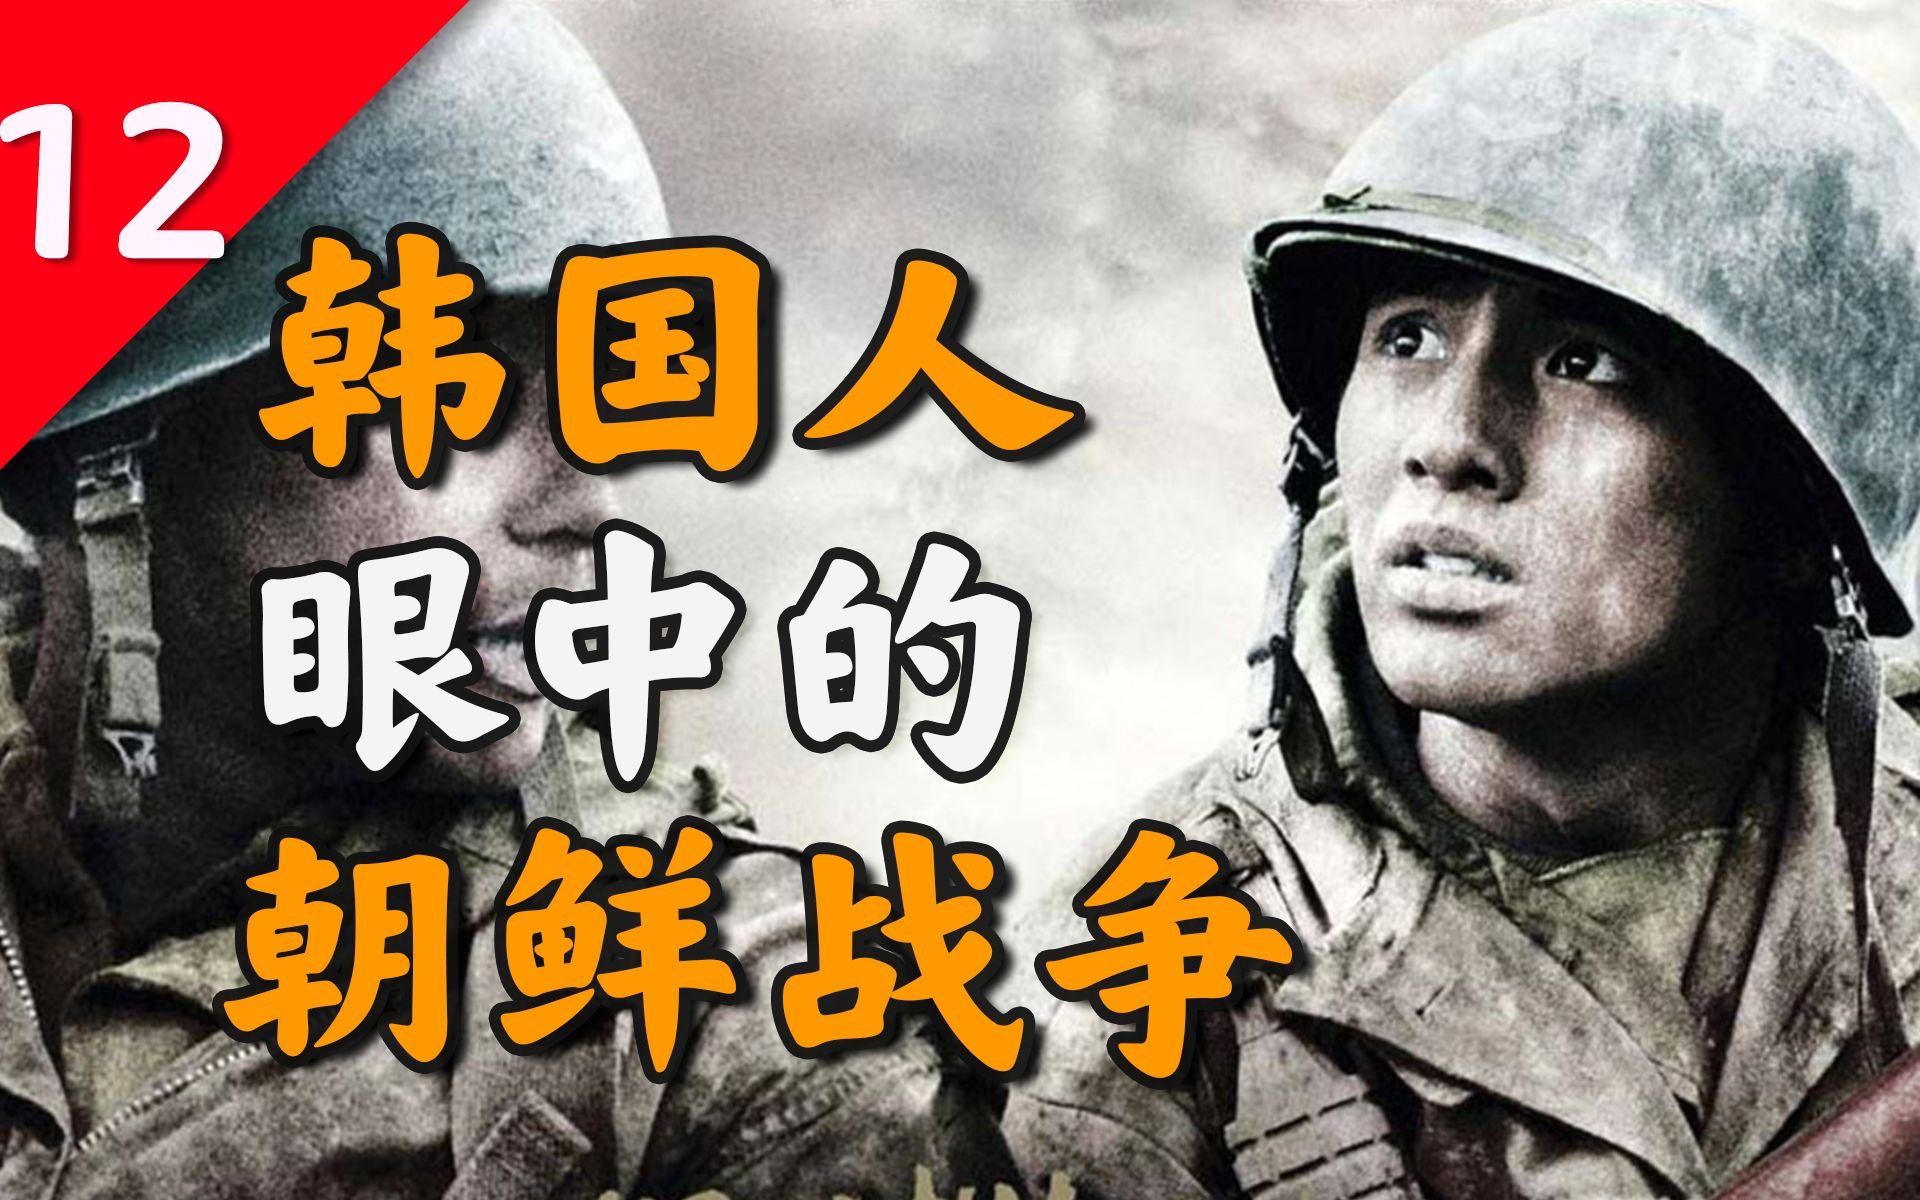 复国、灭国、强国: 韩国应跪谢朝鲜战争? 【不良博士】